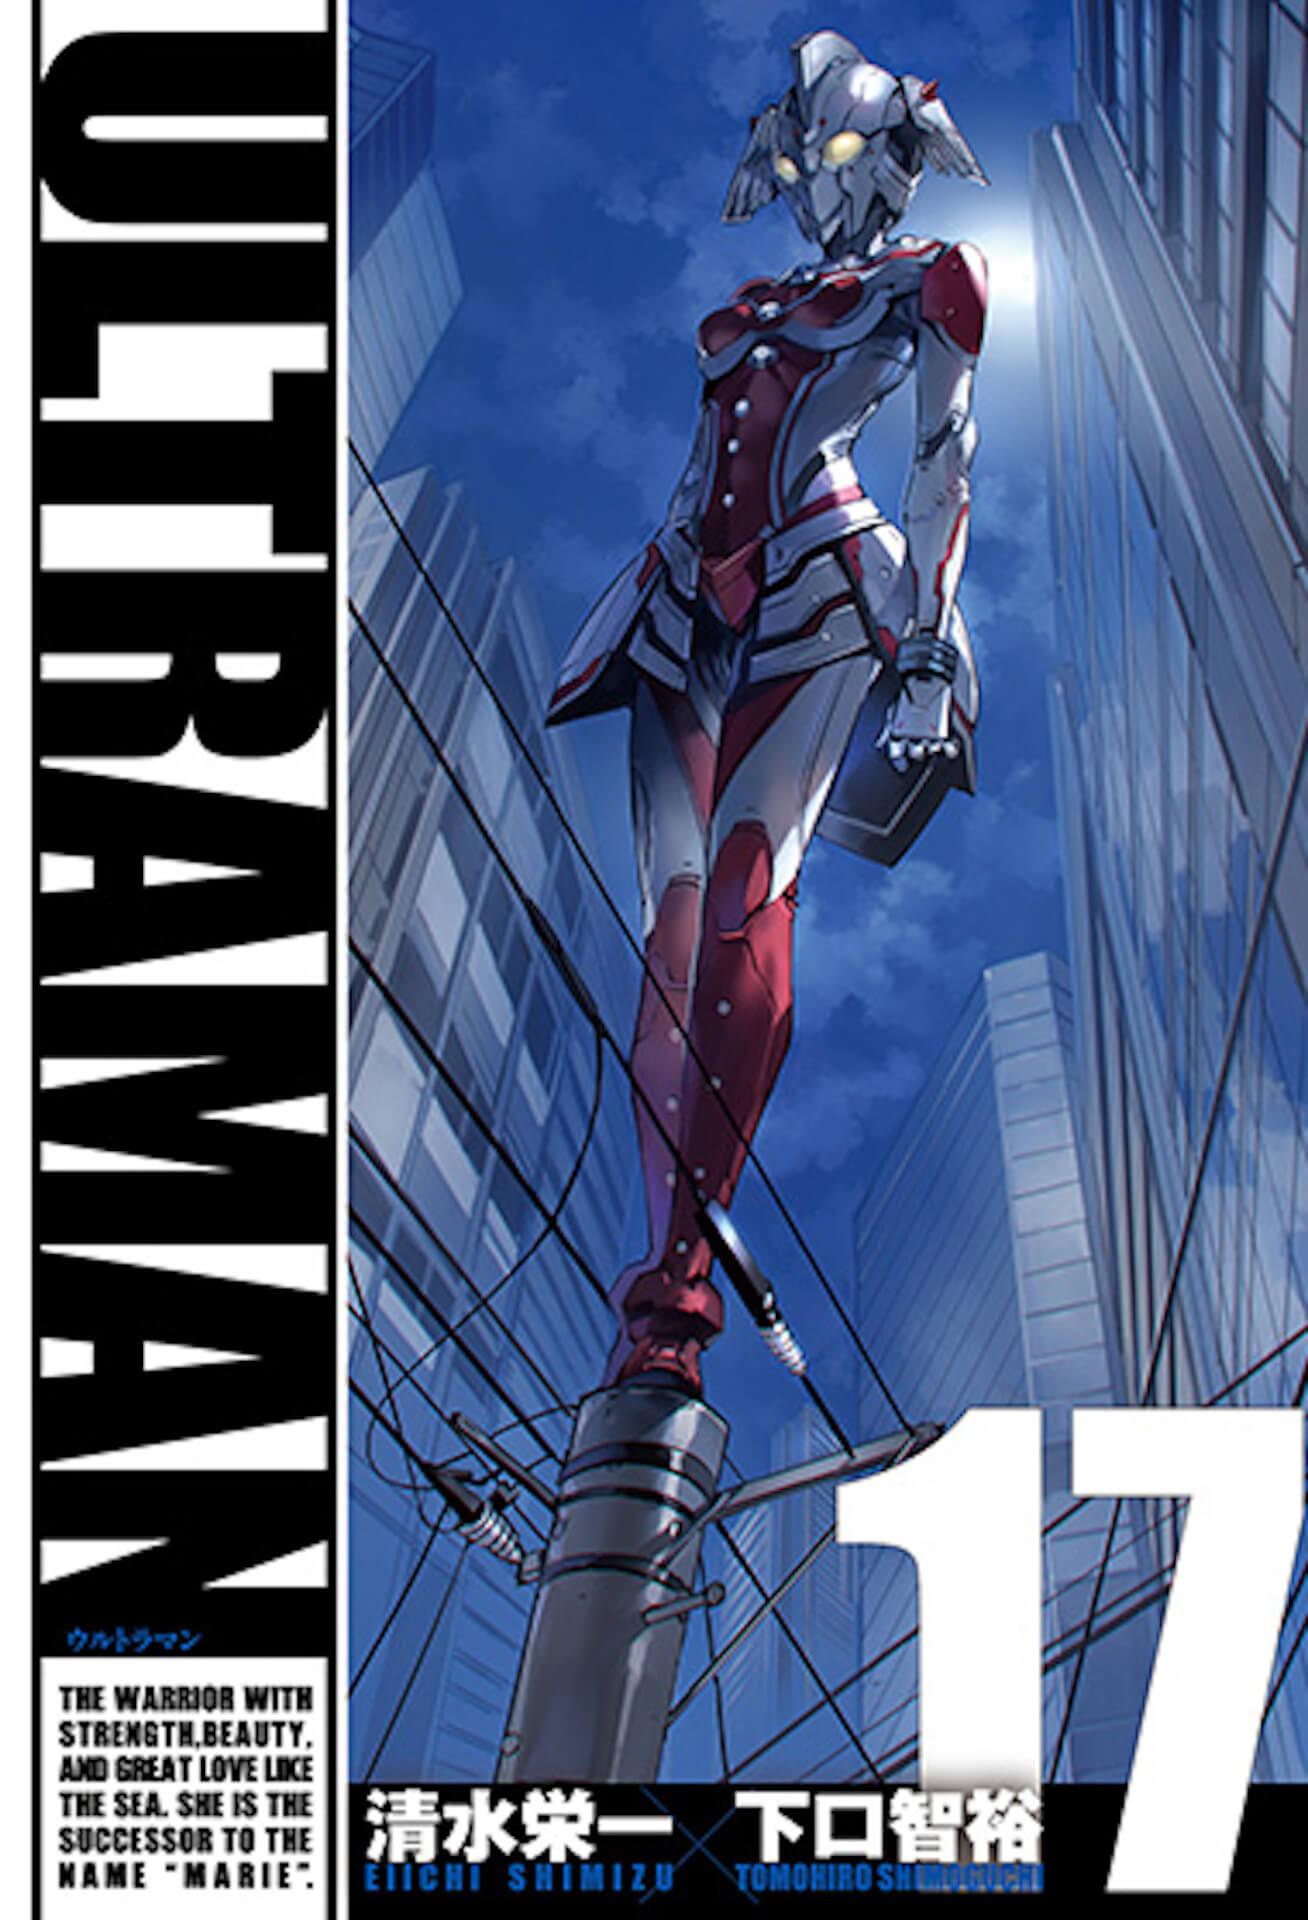 """伝説のウルトラ""""6戦士""""が集結!Netflixで配信予定の『ULTRAMAN』シーズン2ティザービジュアルがついに解禁 art210925_ultraman_2"""